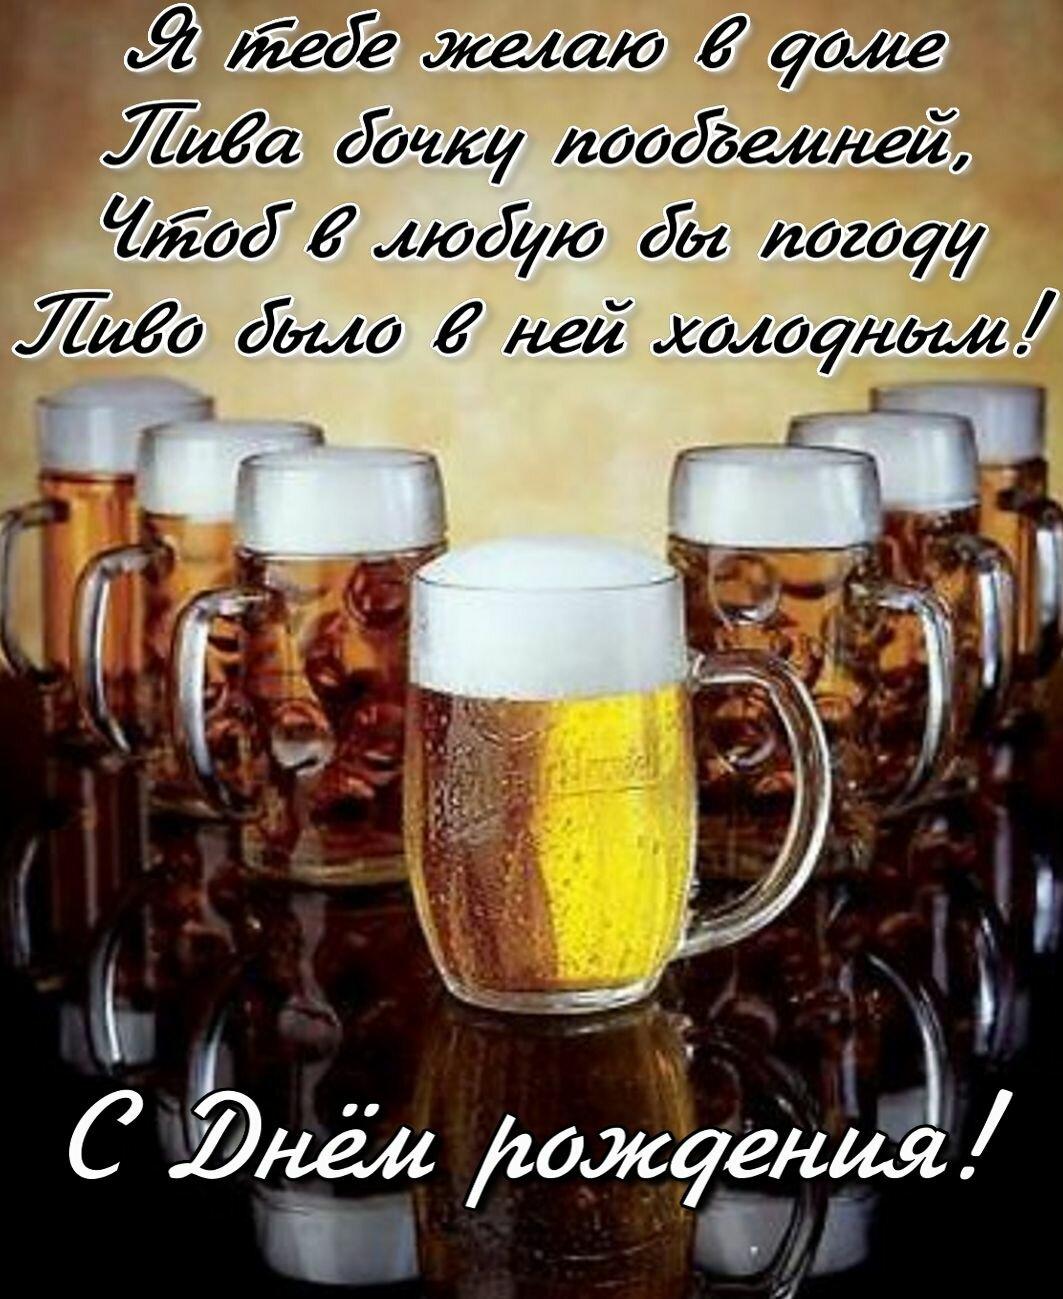 поздравление к подарку банка пива тема моего блога